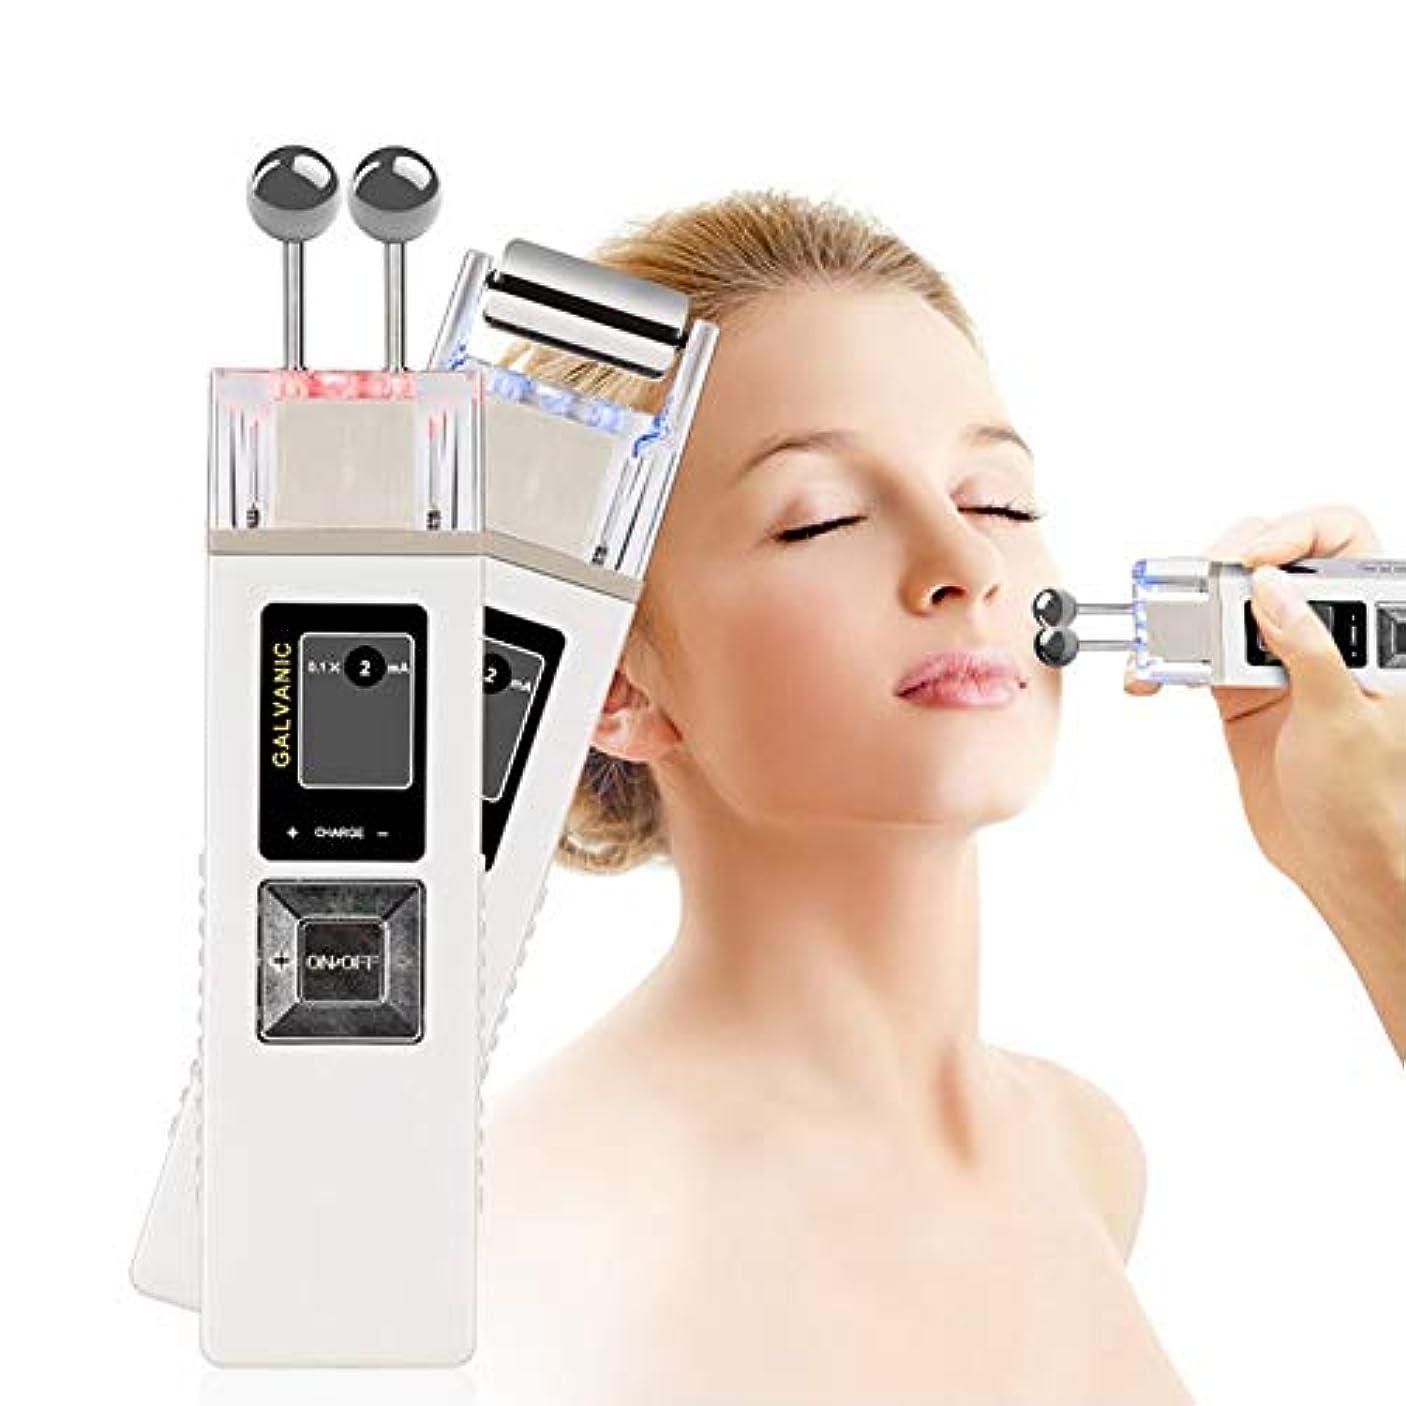 電気めっきフェイシャルマシンディープクリーニング引き締めフェイシャルマッサージャーマイナスイオンマイクロ電気美容器具